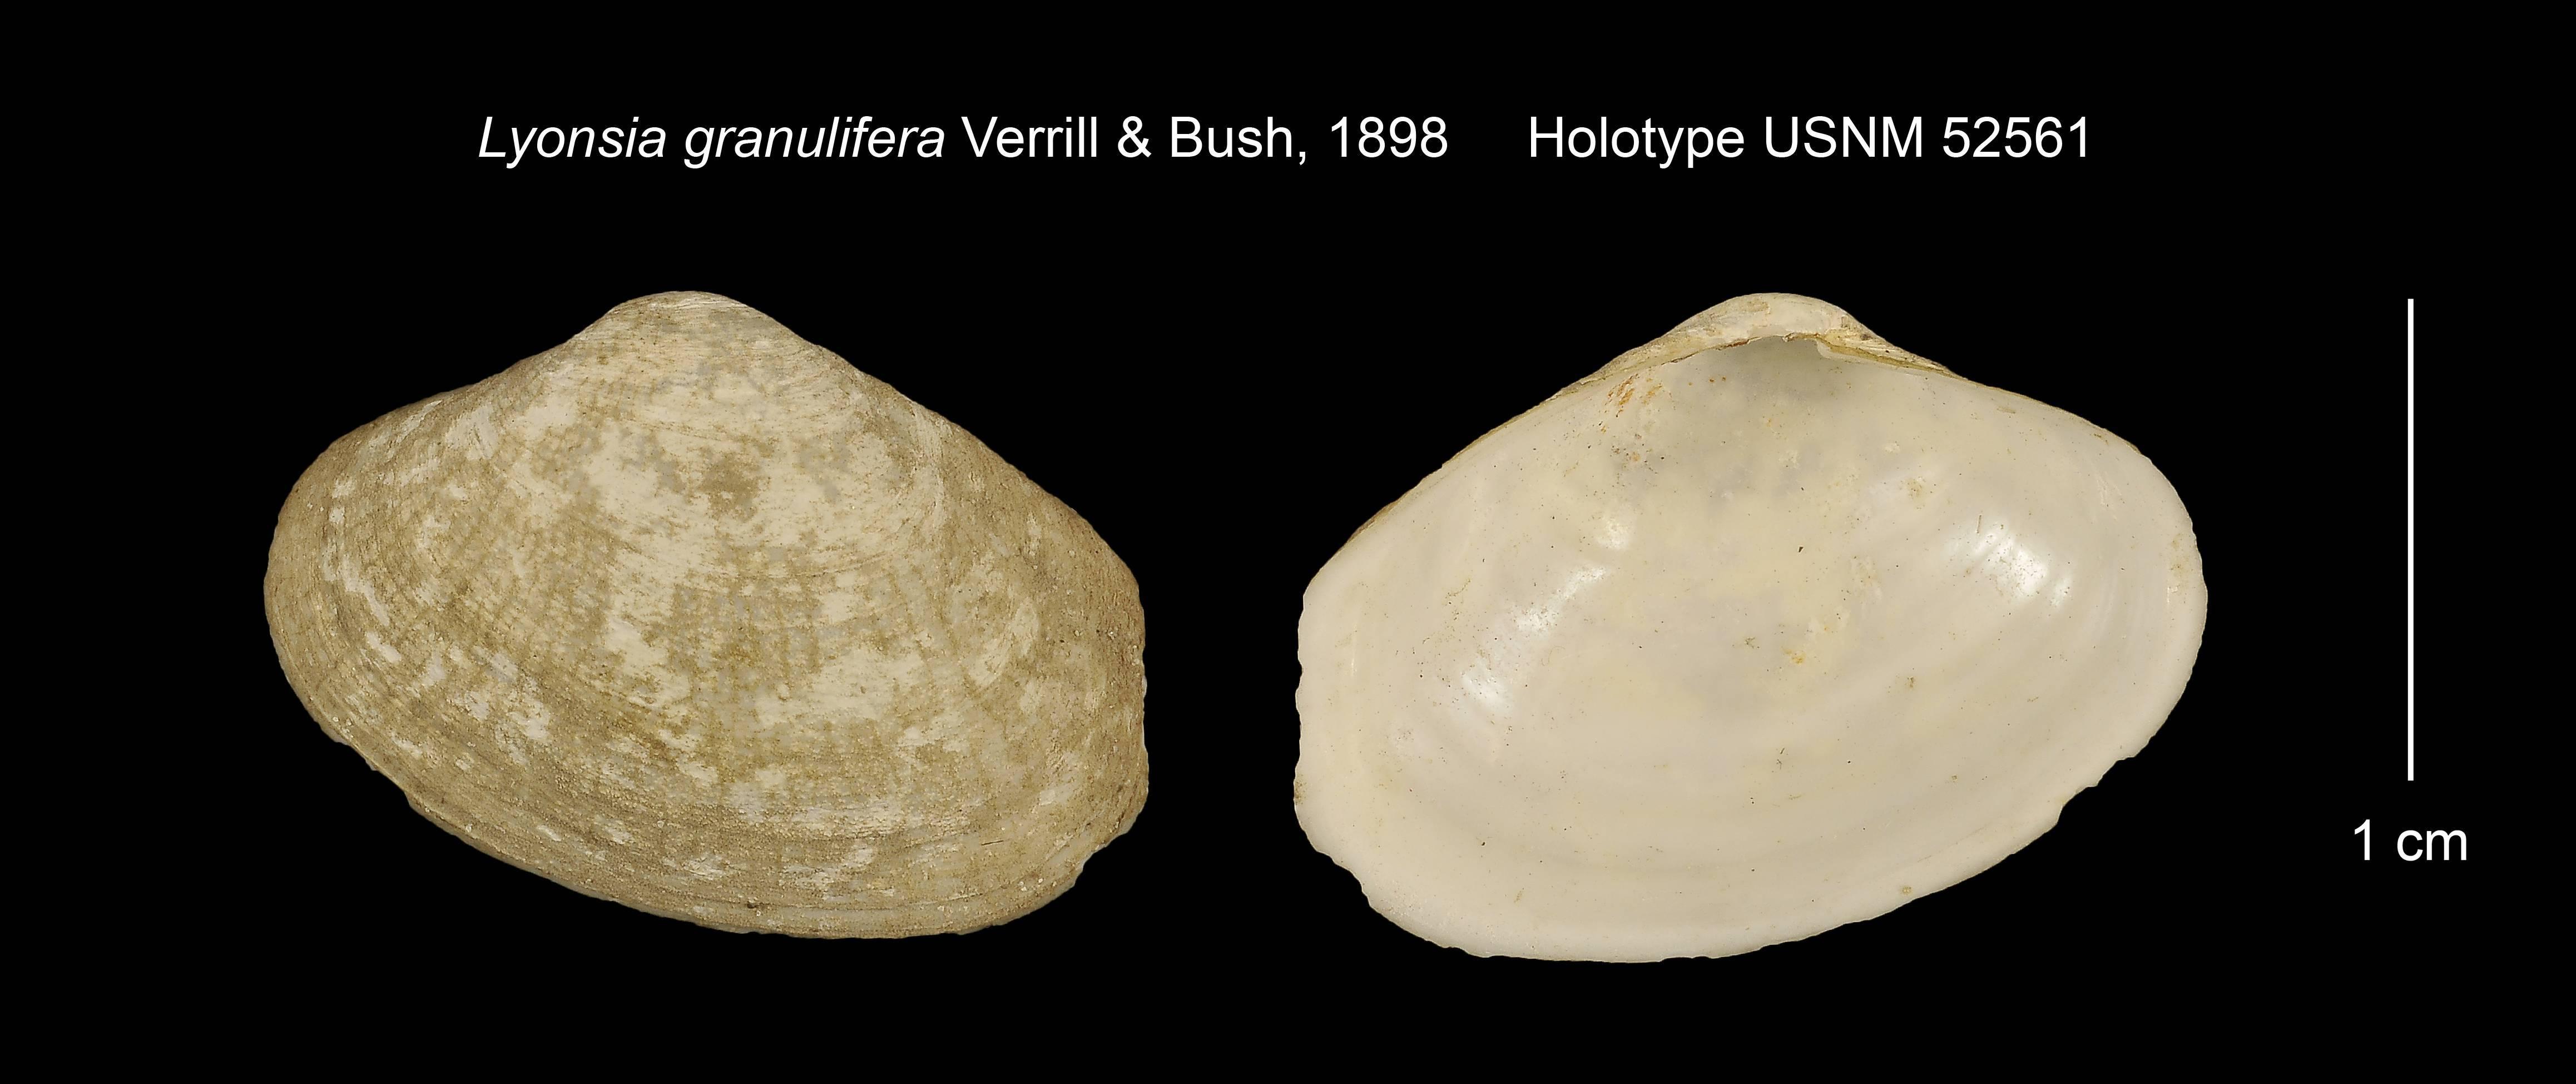 Image of granulate lyonsia